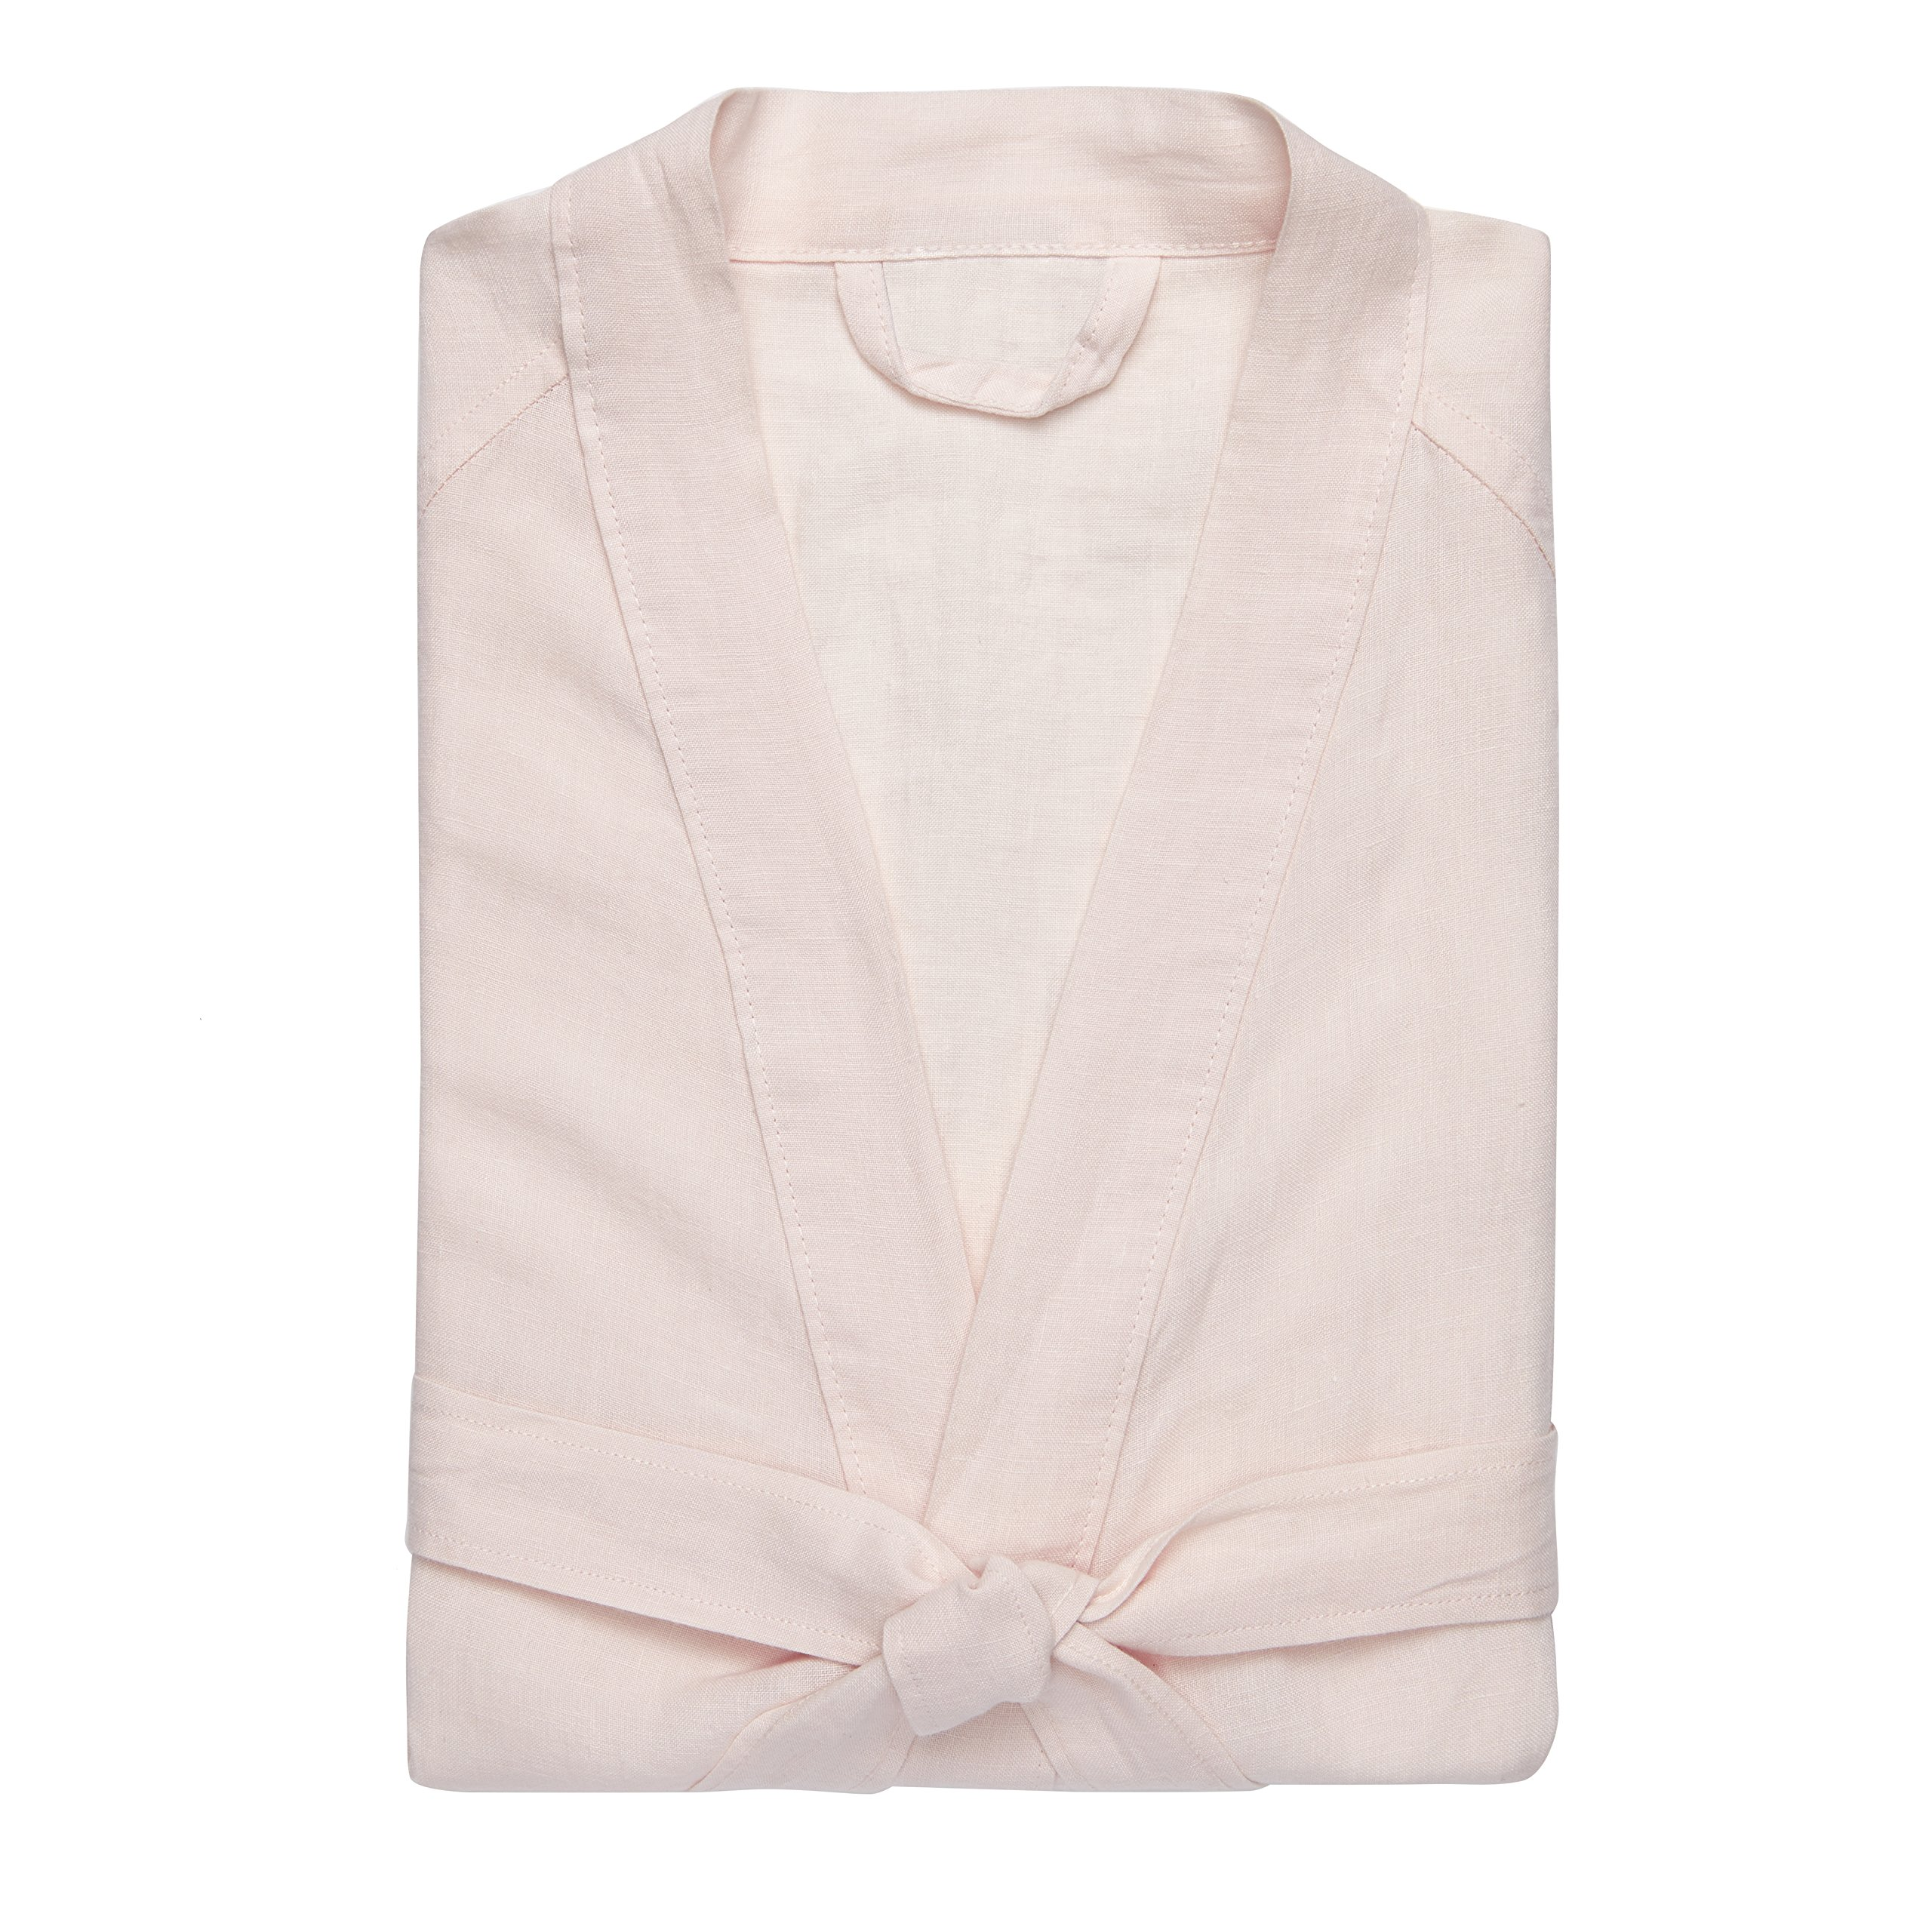 Kassatex Lino Bathrobe S/M, Women's Small/Medium, Powder Pink